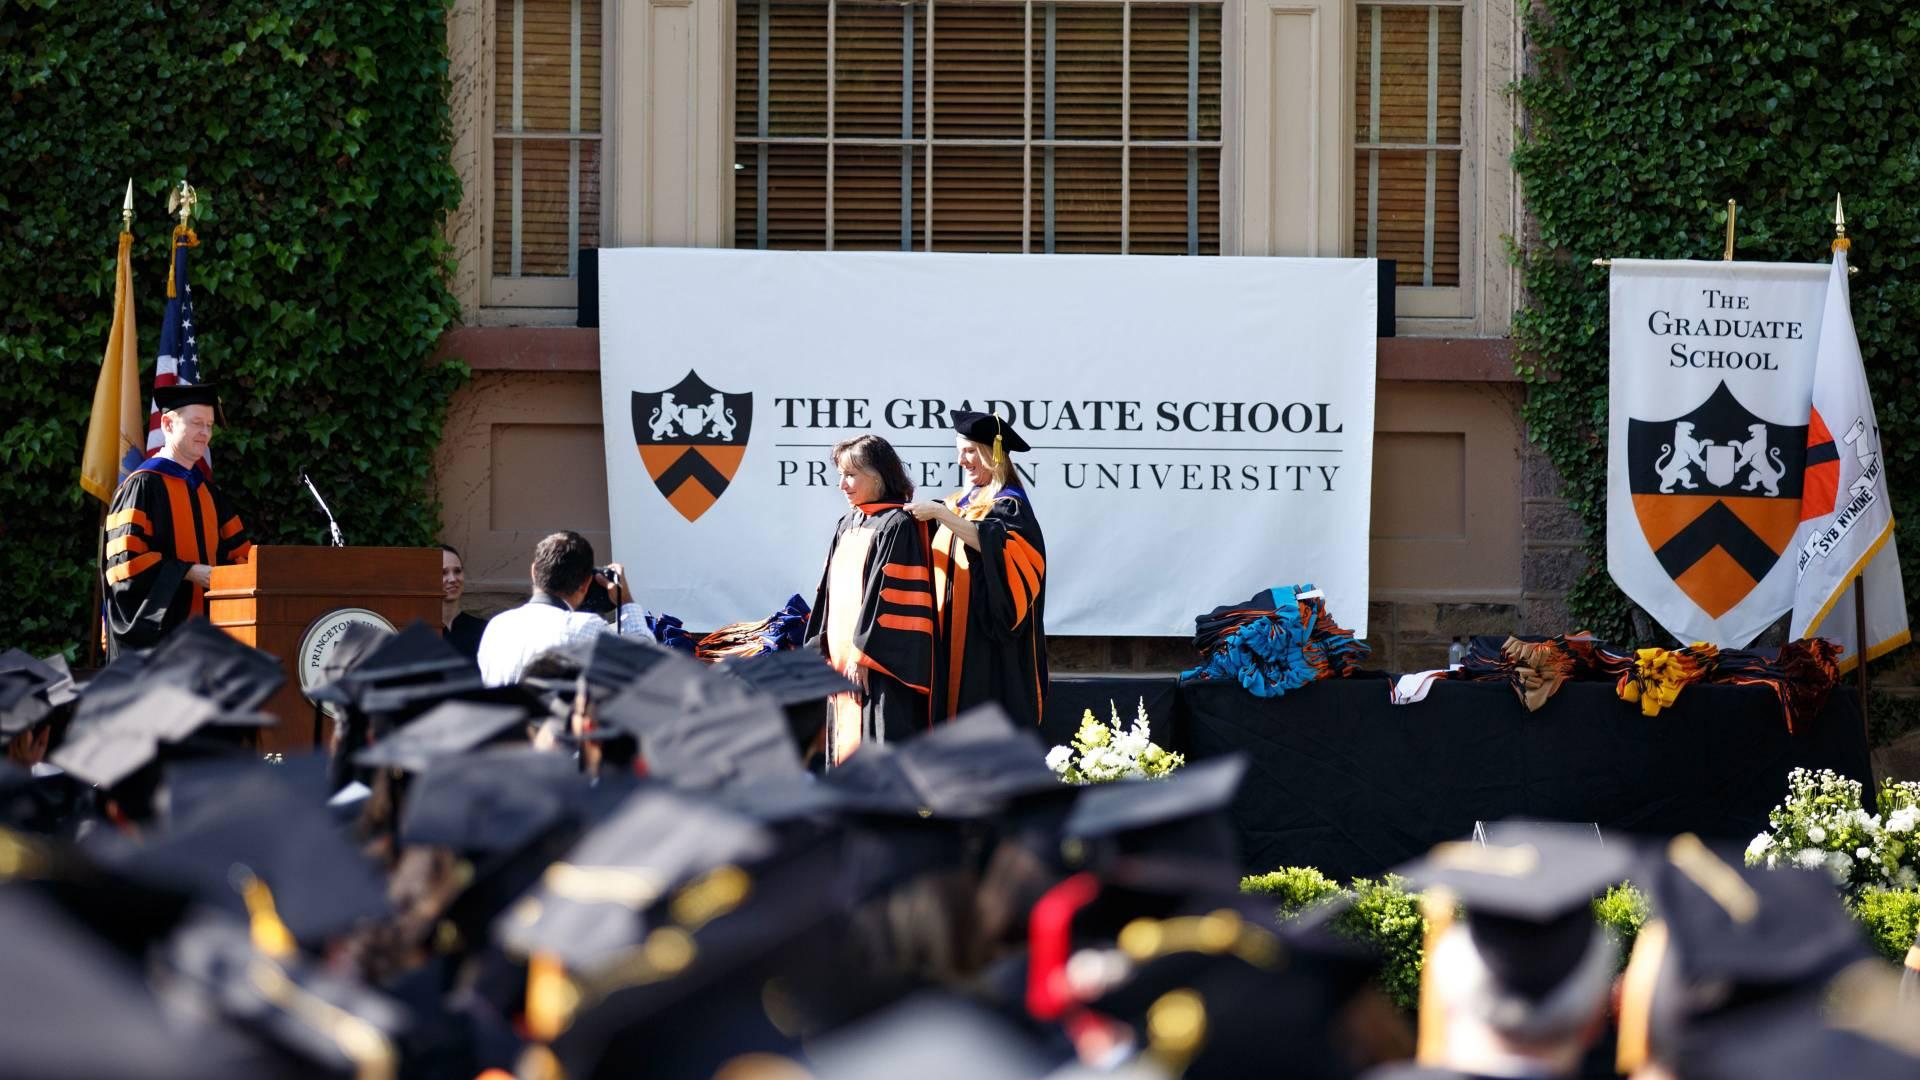 Princeton university edu doctorate phd thesis